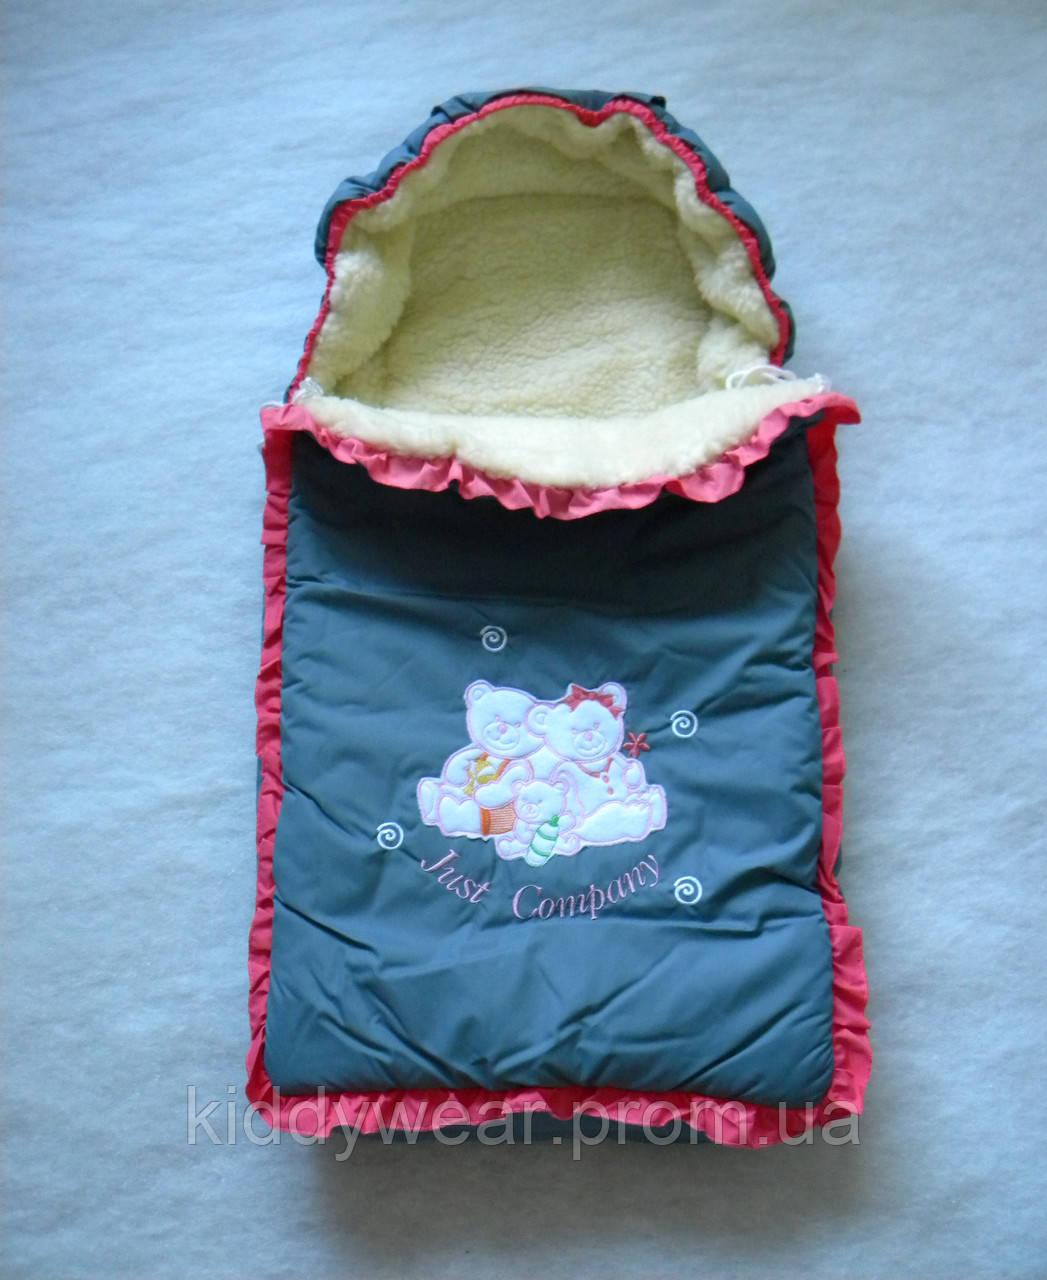 """Зимний конверт на меху для коляски и санок""""Серый с розовой отделкой"""" - Интернет-магазин  детской одежды """"KiddyWear"""" в Одессе"""